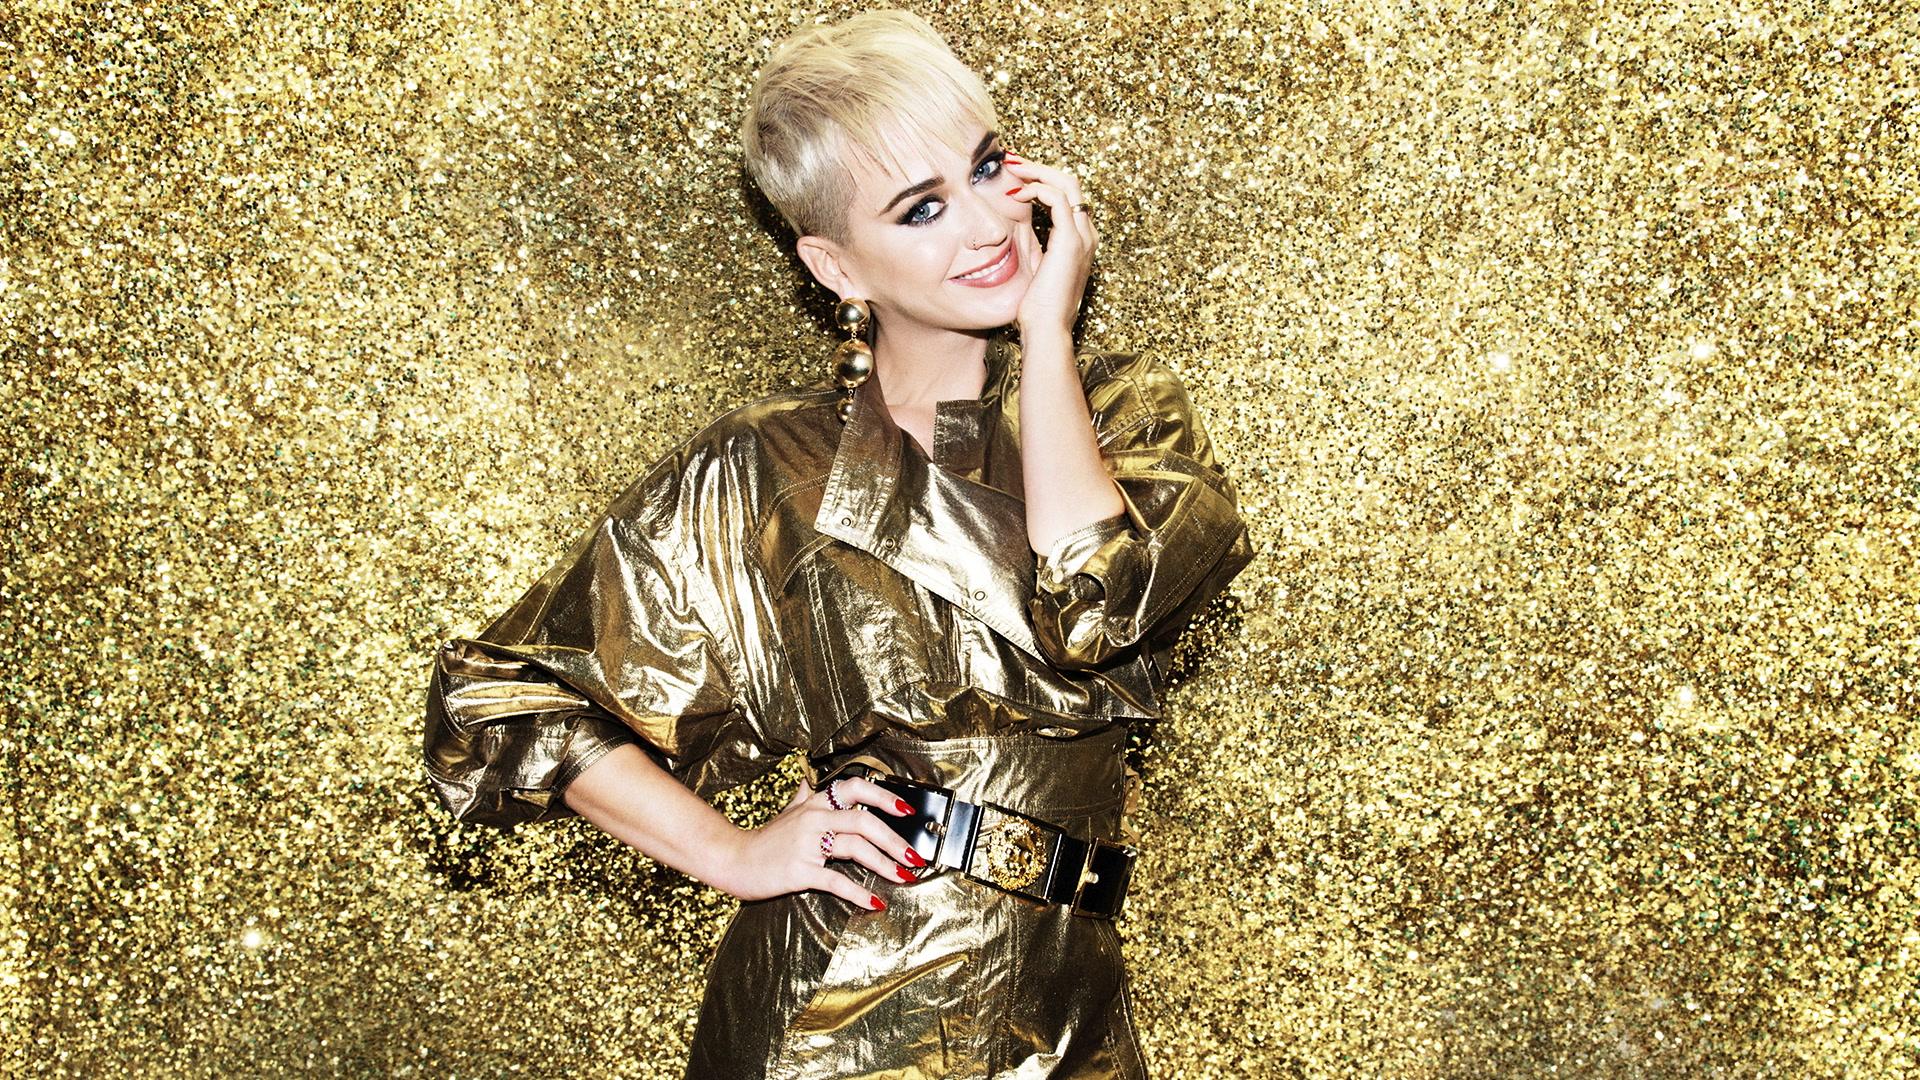 Katy Perry, la historia detrás de un icono musical